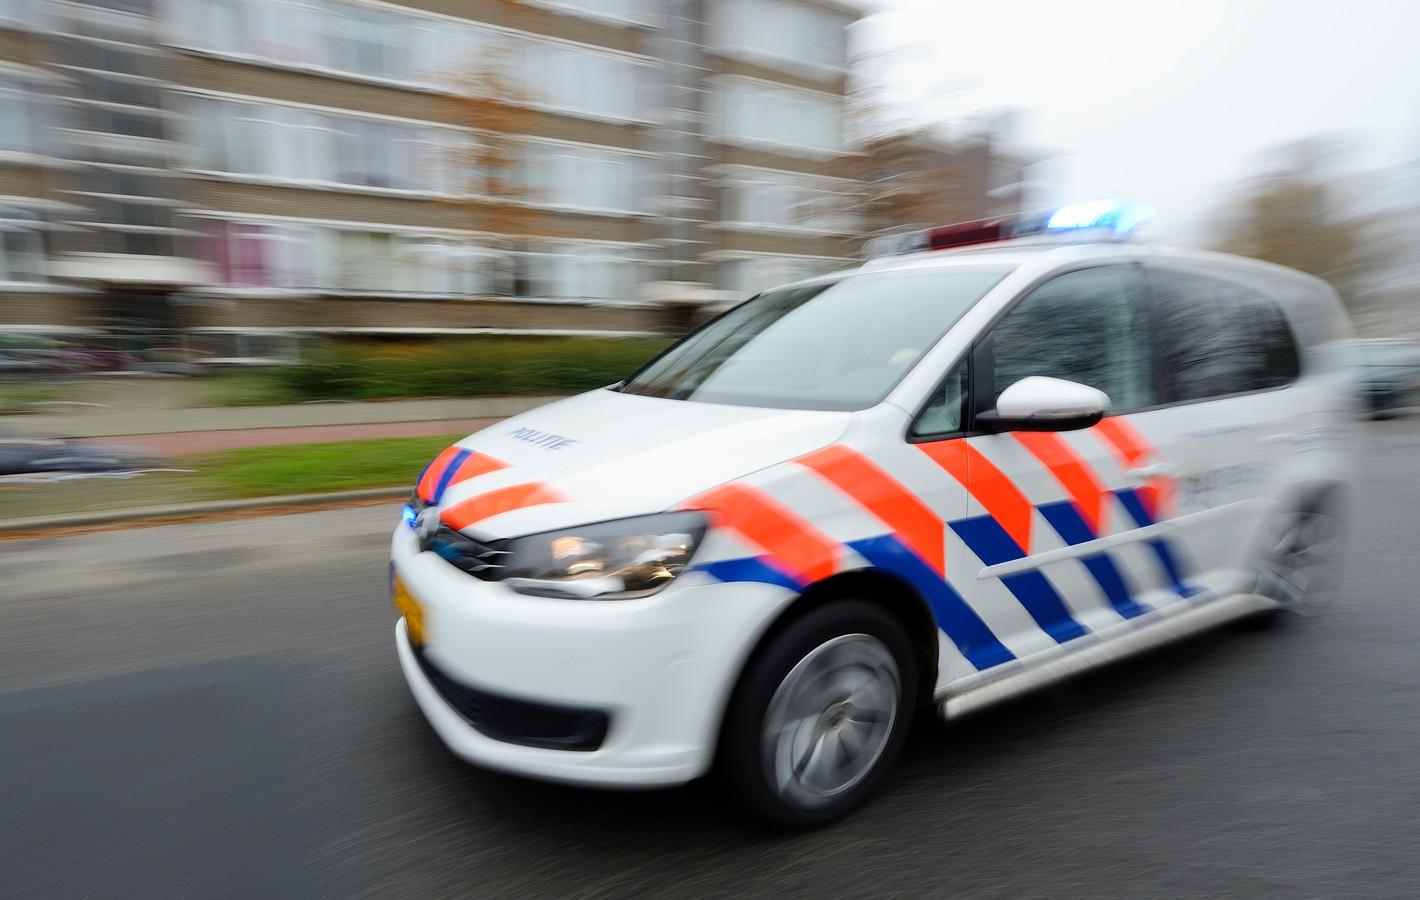 ILLUSTRATIE  - Een politieauto is onderweg met sirene en zwaailicht. ANP  XTRA LEX VAN LIESHOUT